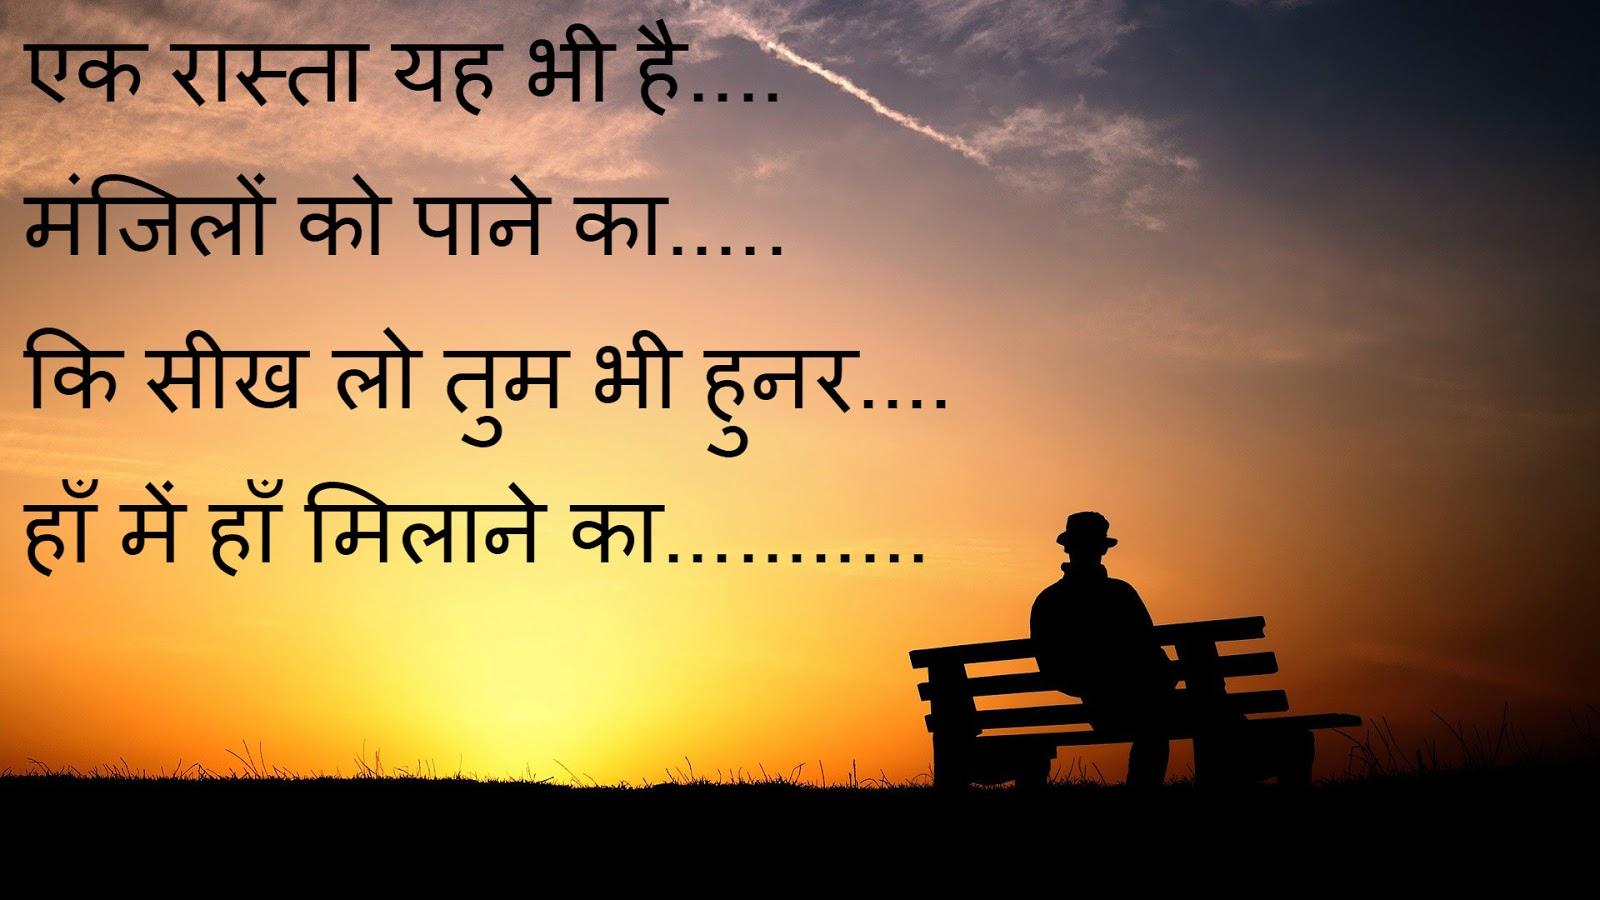 Hindi Shayari Status messages for Whatsapp - Hindi Post